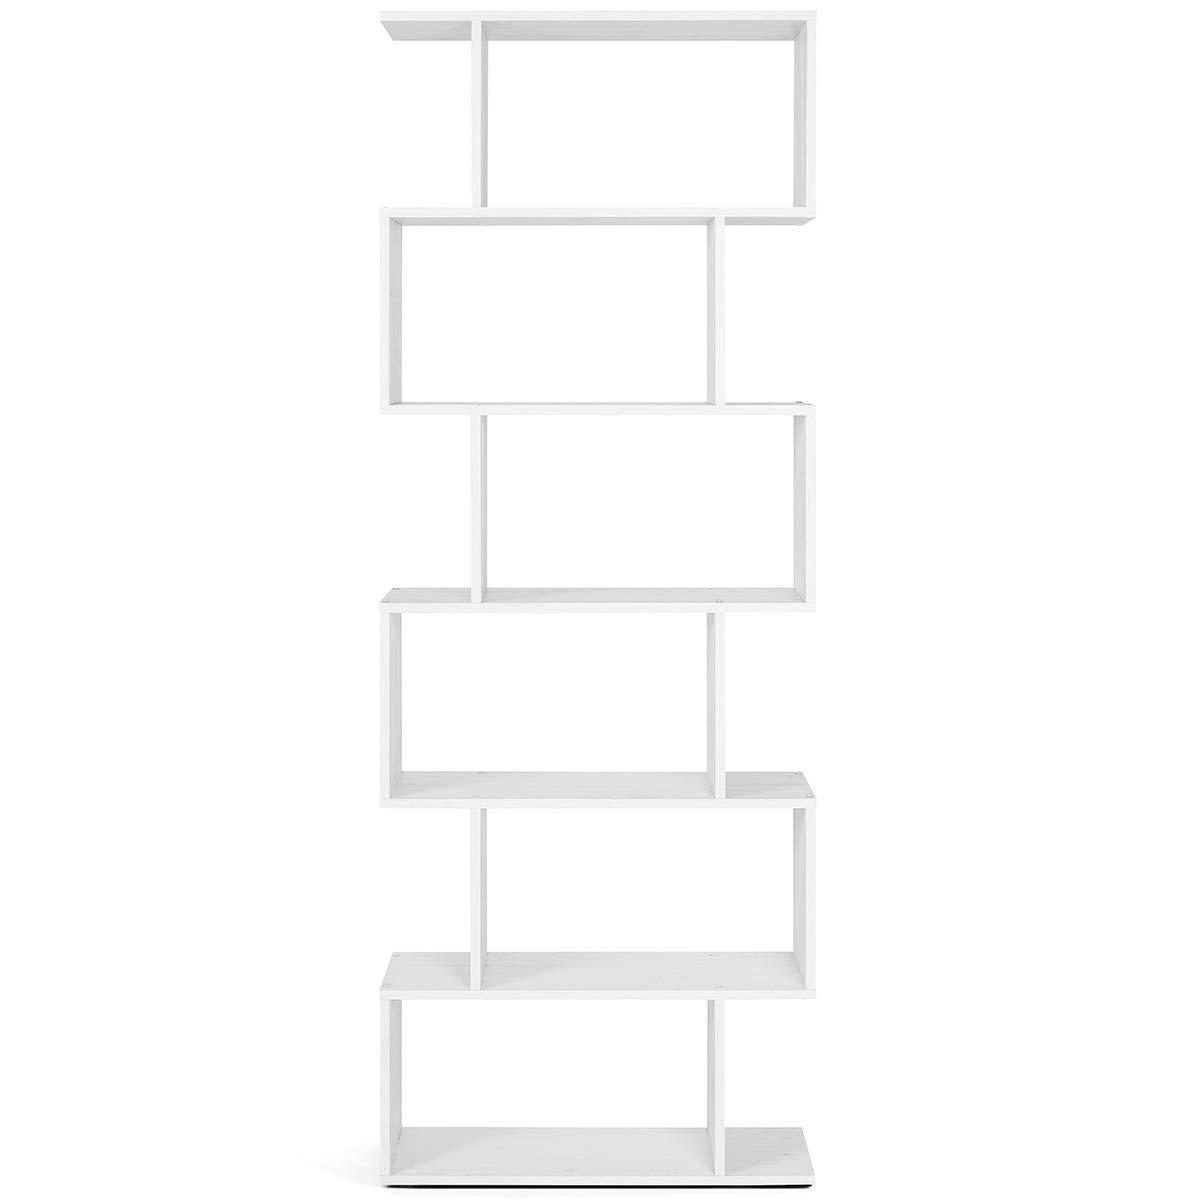 Dekoratives B/ücherregal modern und Design Ma/ße 192 x 70 x 23,5 cm COMIFORT Vier Ausf/ührungen